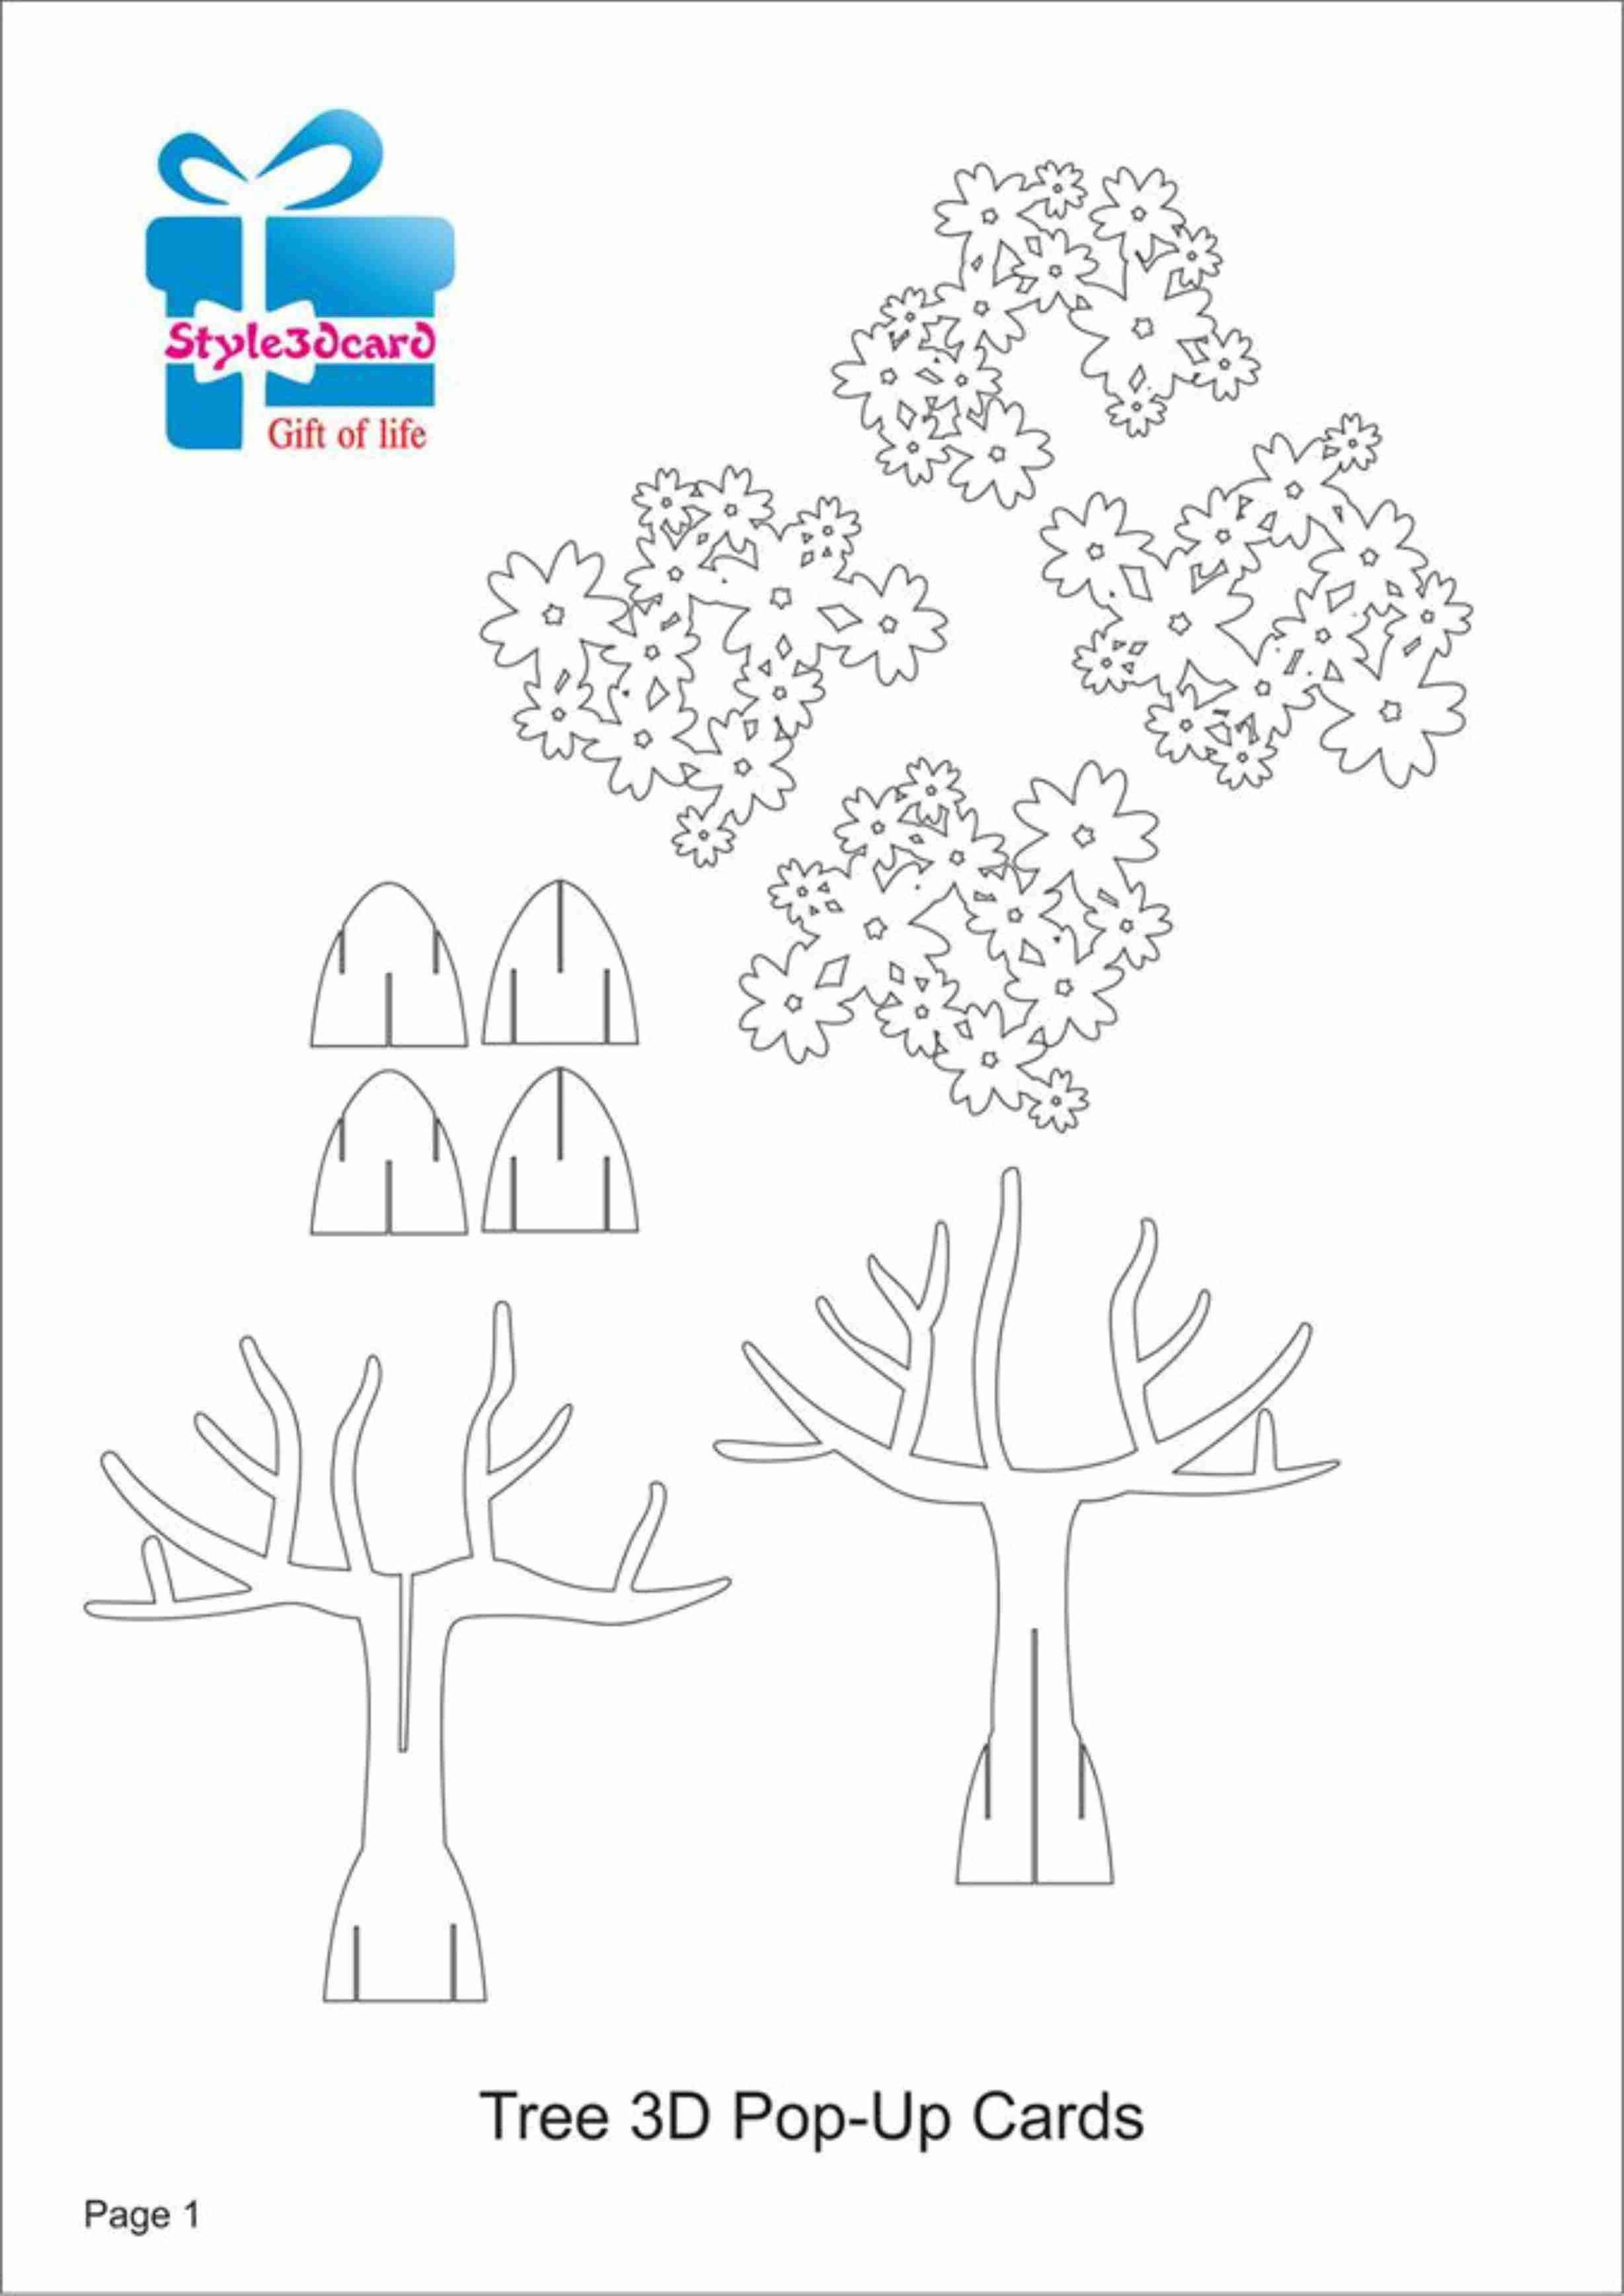 Tree D Pop Up Card Kirigami Pattern   Kirigami Art  Pop Up Card Regarding Wedding Pop Up Card Template Free